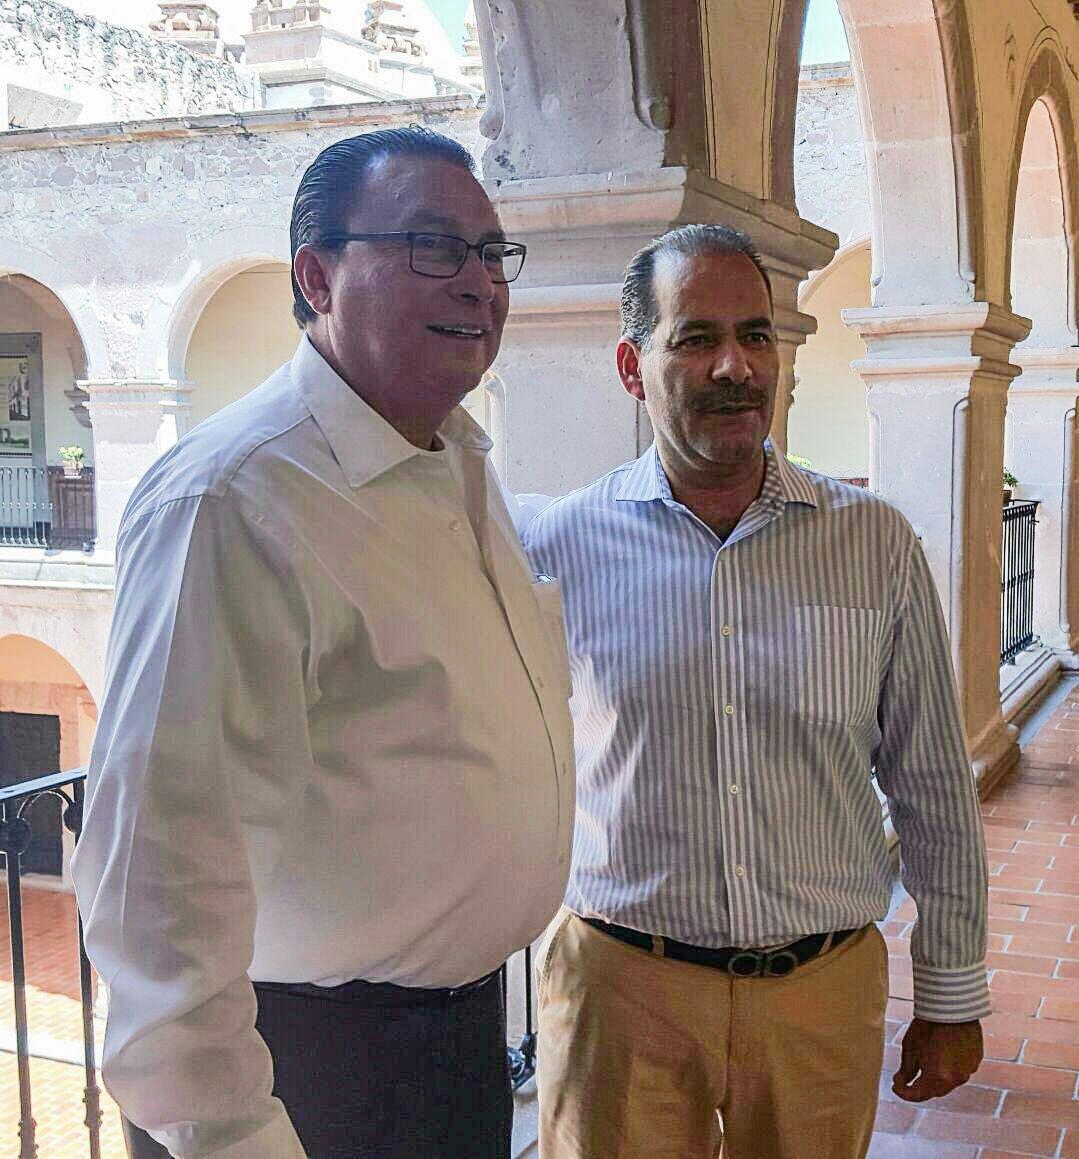 ¡Con respeto a la autonomía universitaria se conducirá Martín Orozco en su gobierno!